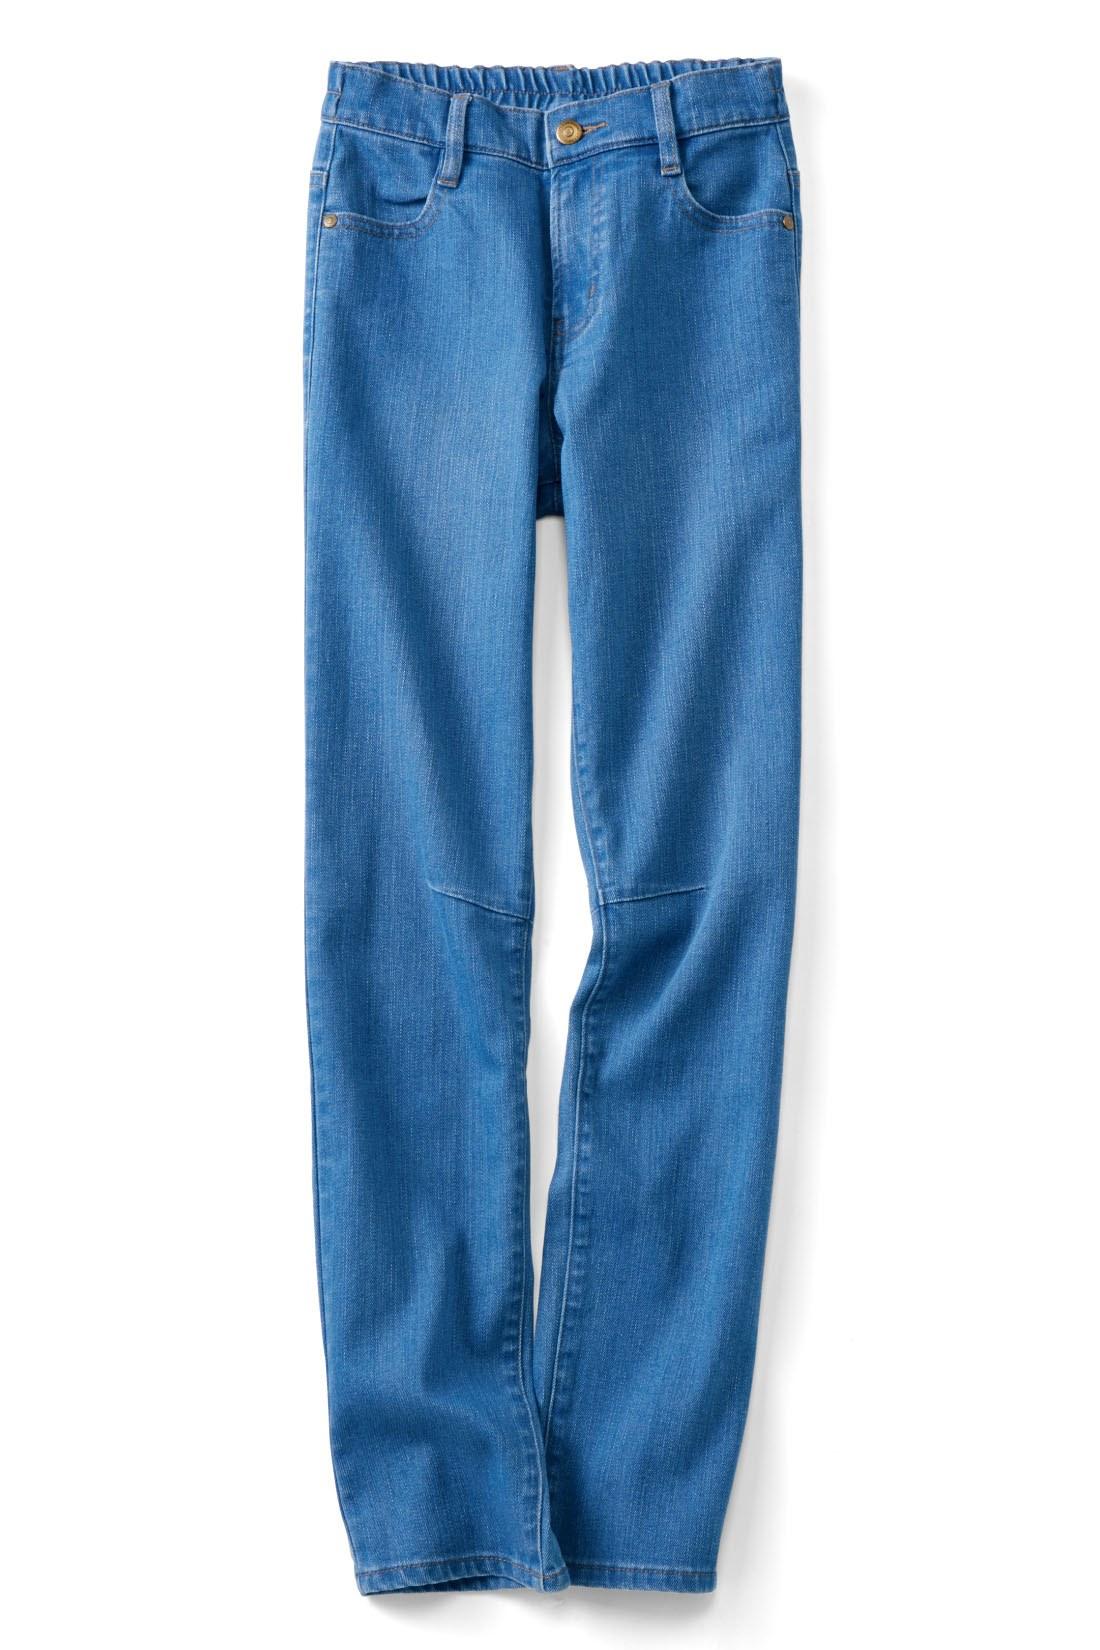 こなれ感のある【ライトブルー】 ひざのダーツの立体感で、すっきり見え度をアップ。動きやすさも抜群。